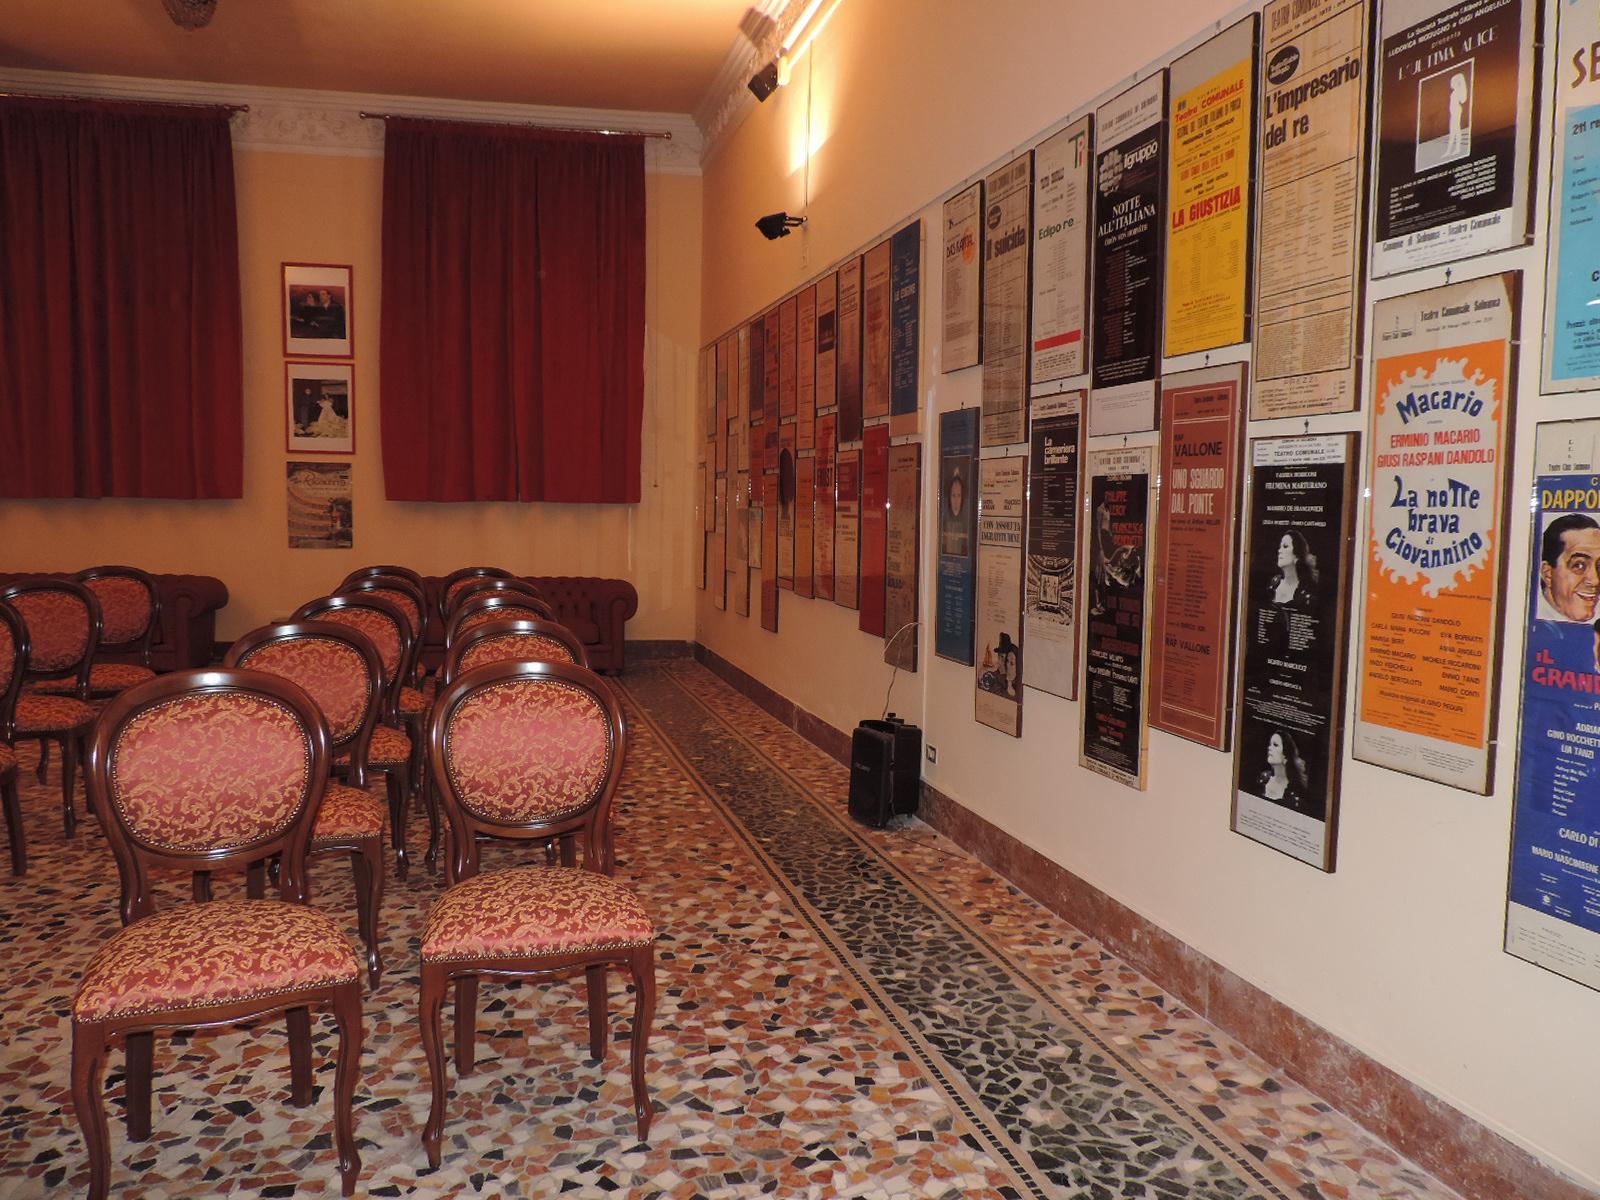 Ufficio Di Collocamento Yahoo : Centroabruzzonews: domenica a teatro per la citta di sulmona